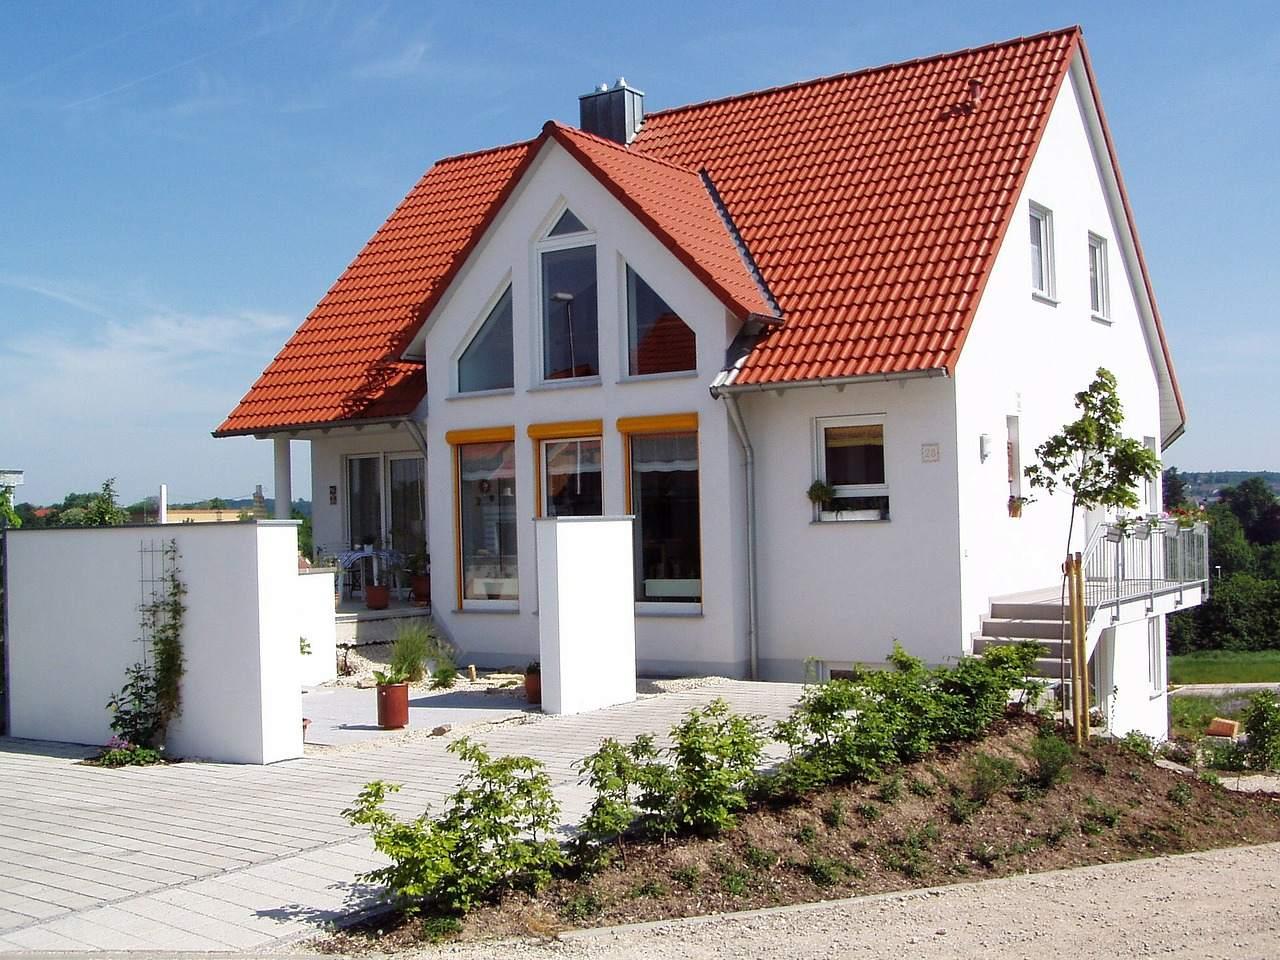 Einfamilienhaus Beispielfoto